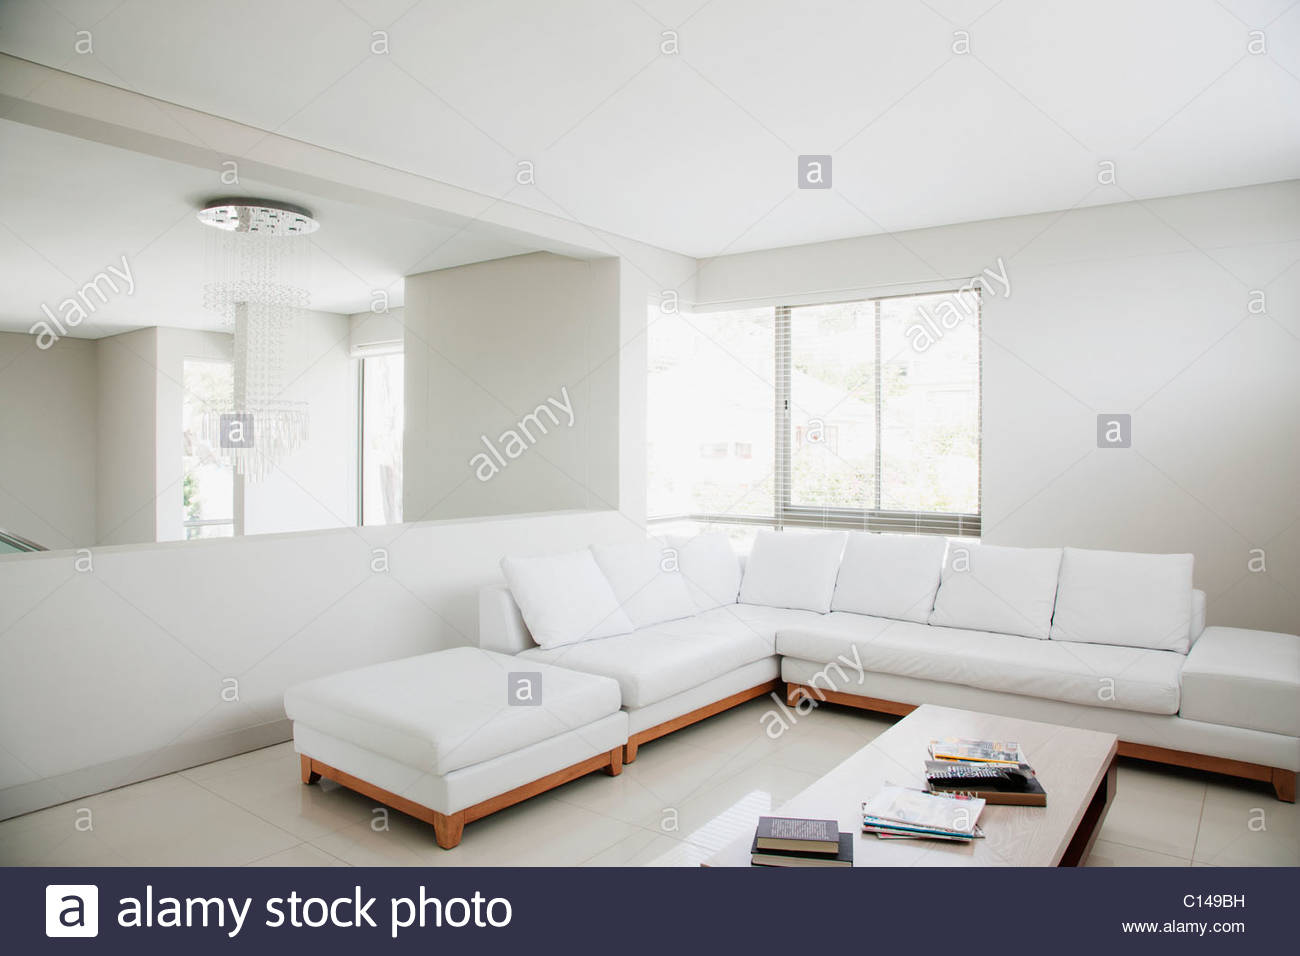 Weißen Sofa und Spiegel in moderne Wohnzimmer Stockfoto ...